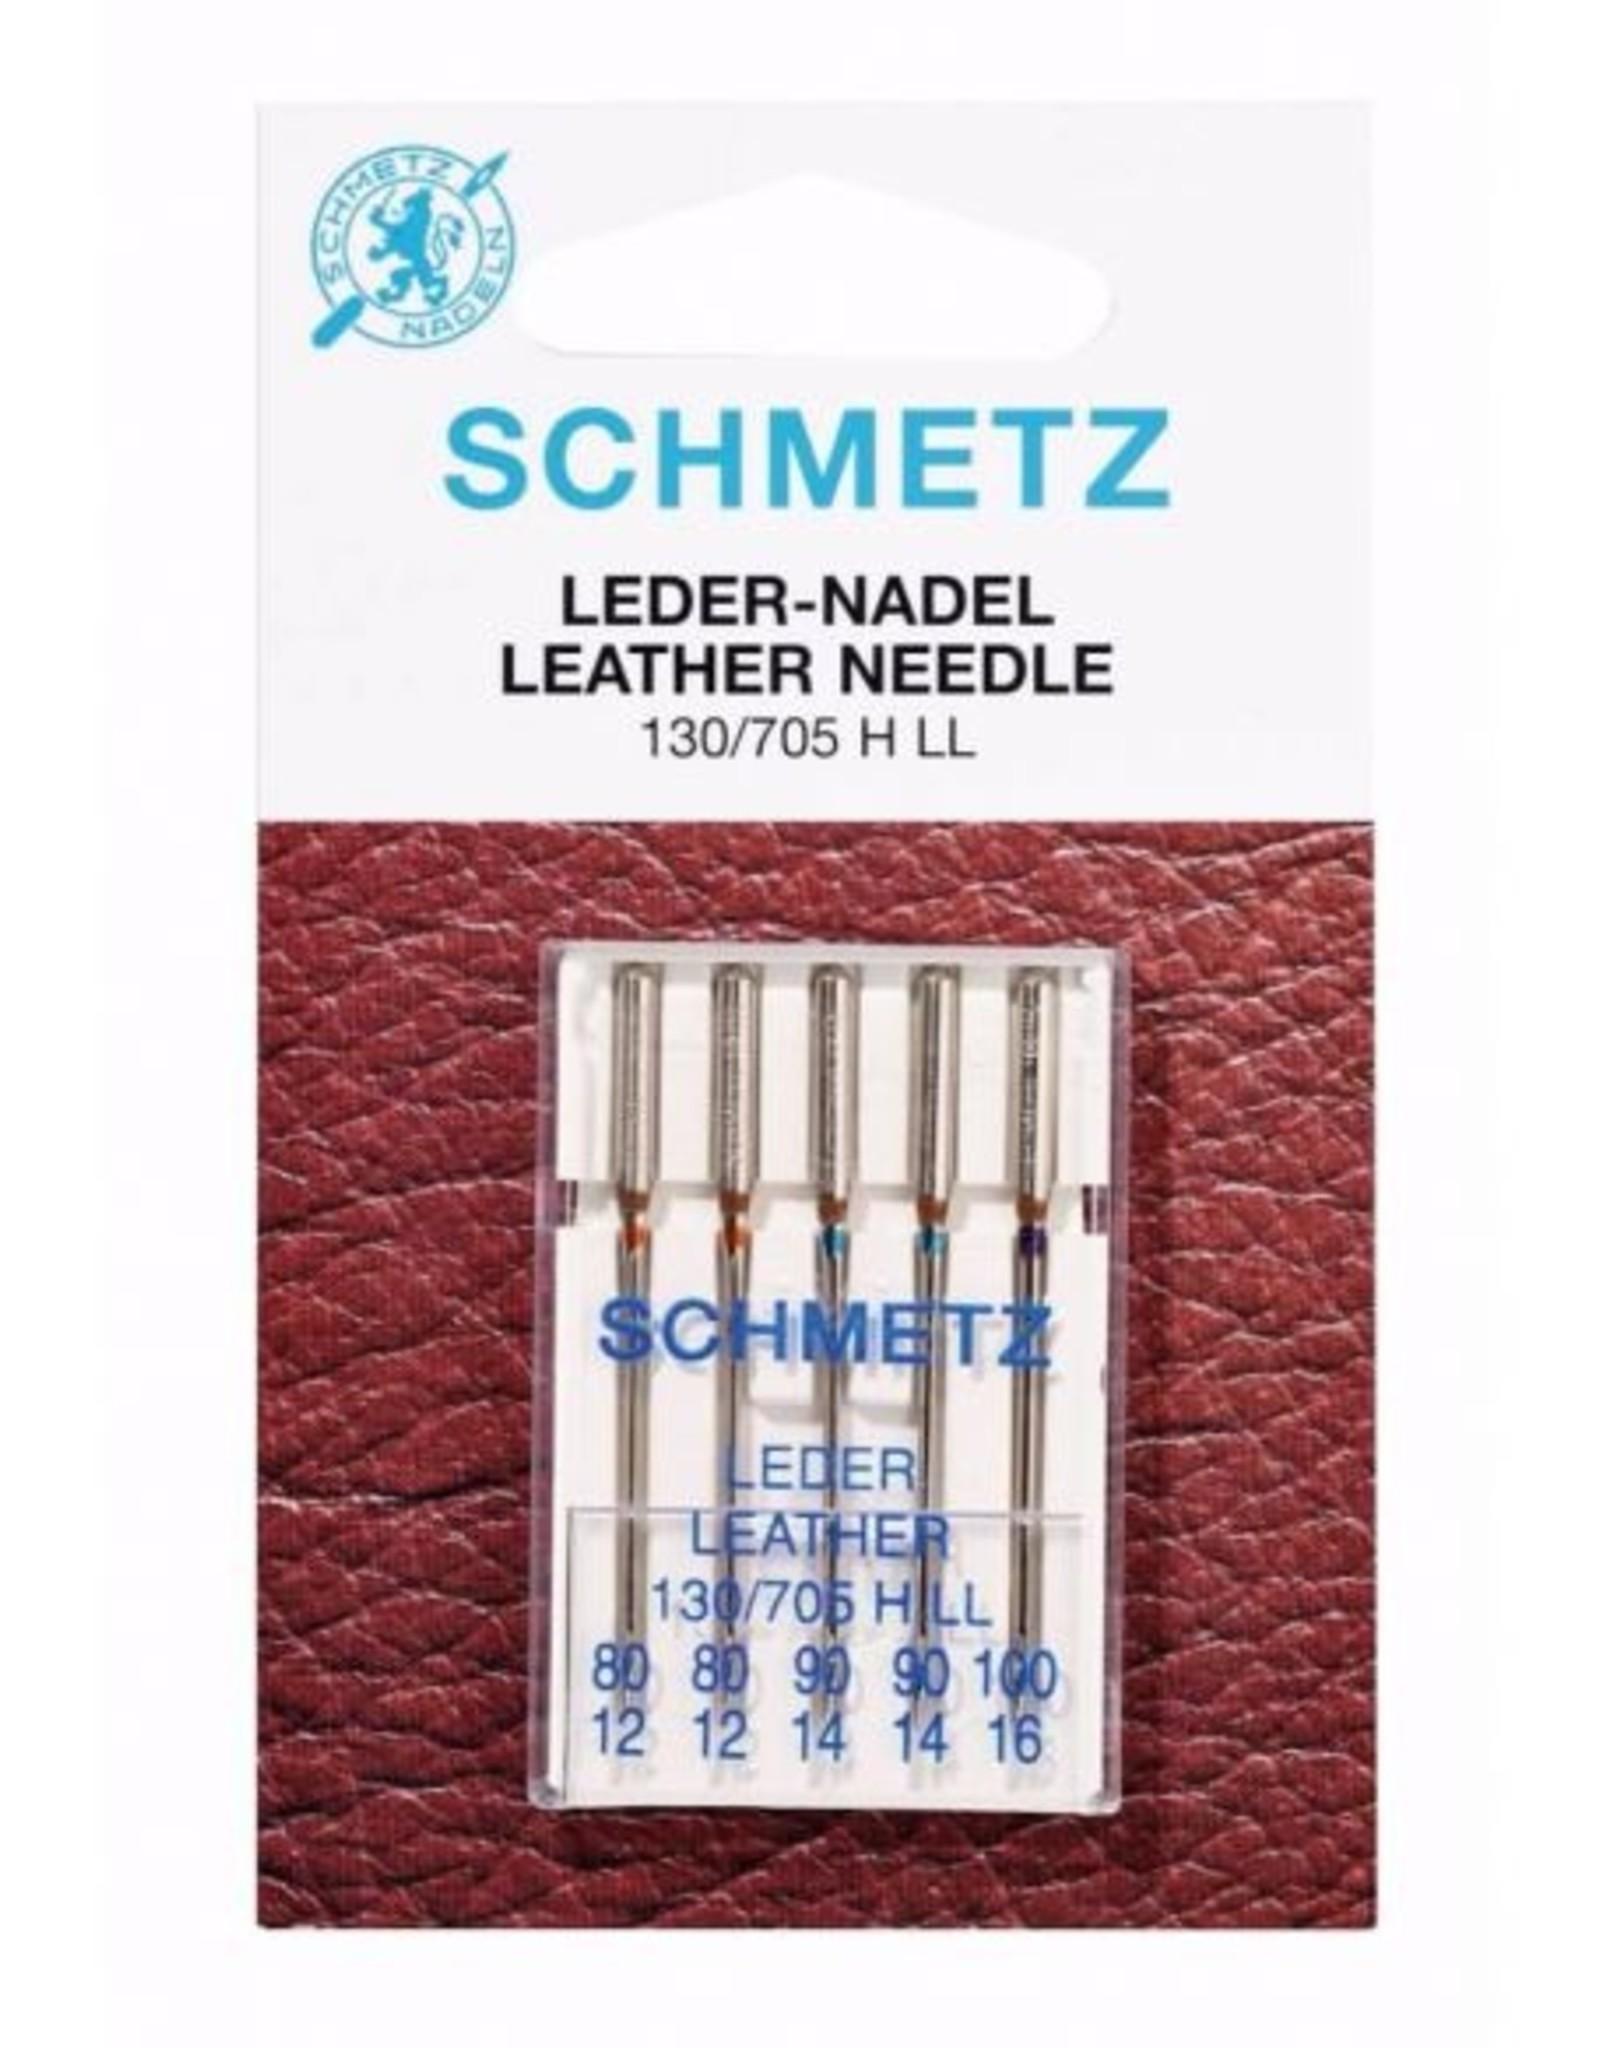 Schmetz ledernaalden ass 80-100